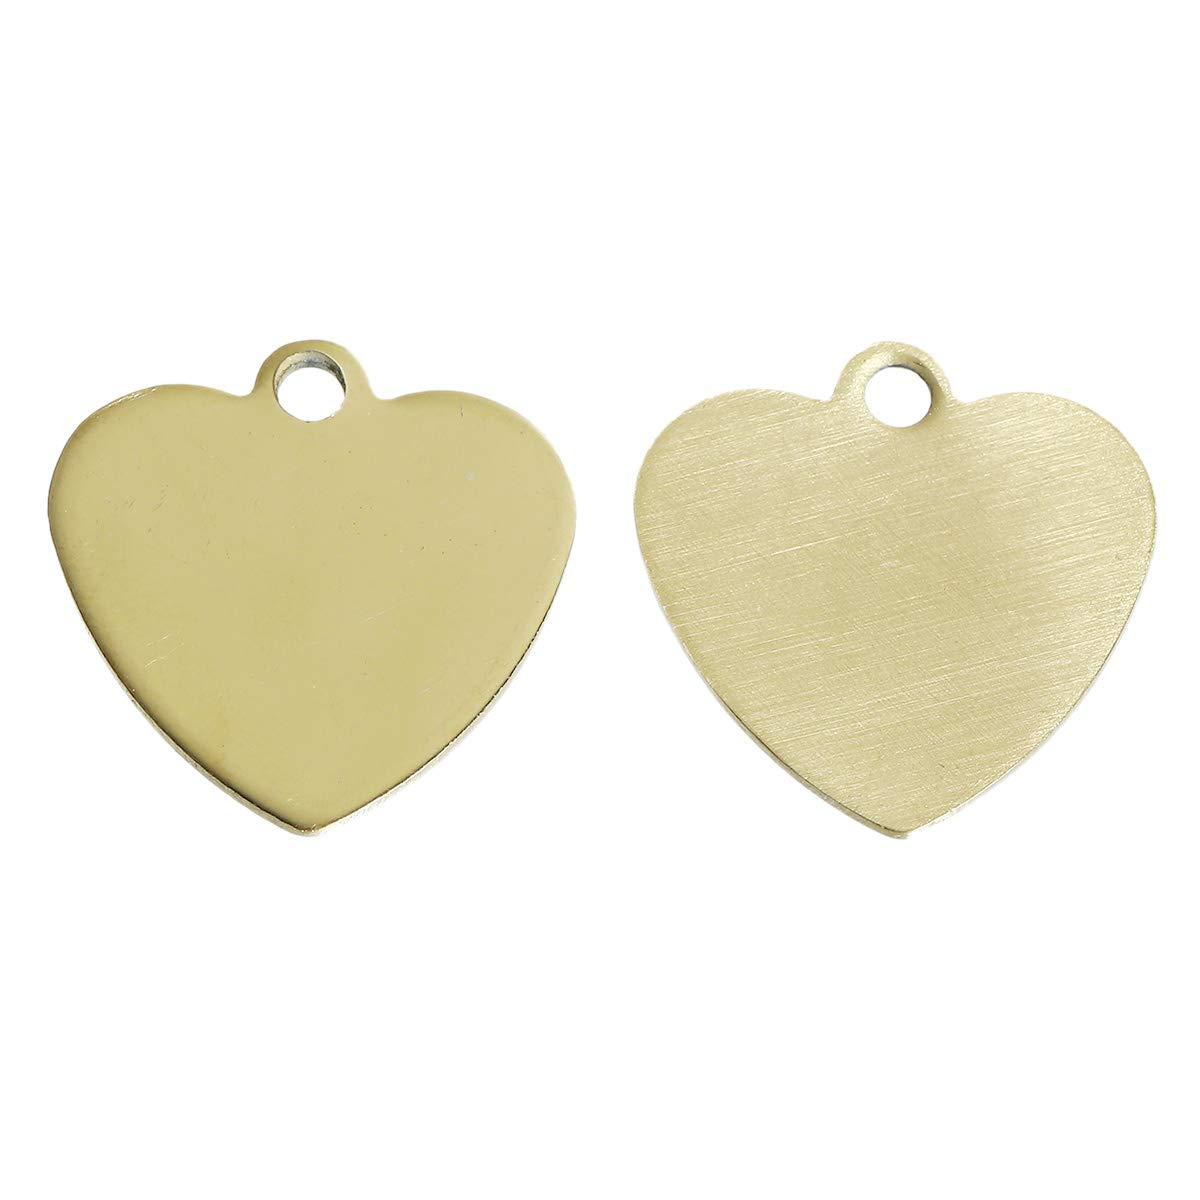 Gravurpl/ättchen DIY Schmuck Gold Geschenkidee, Sadingo Schmuckanh/änger Charms Blanko Herz 20 x 20 mm 1 St/ück